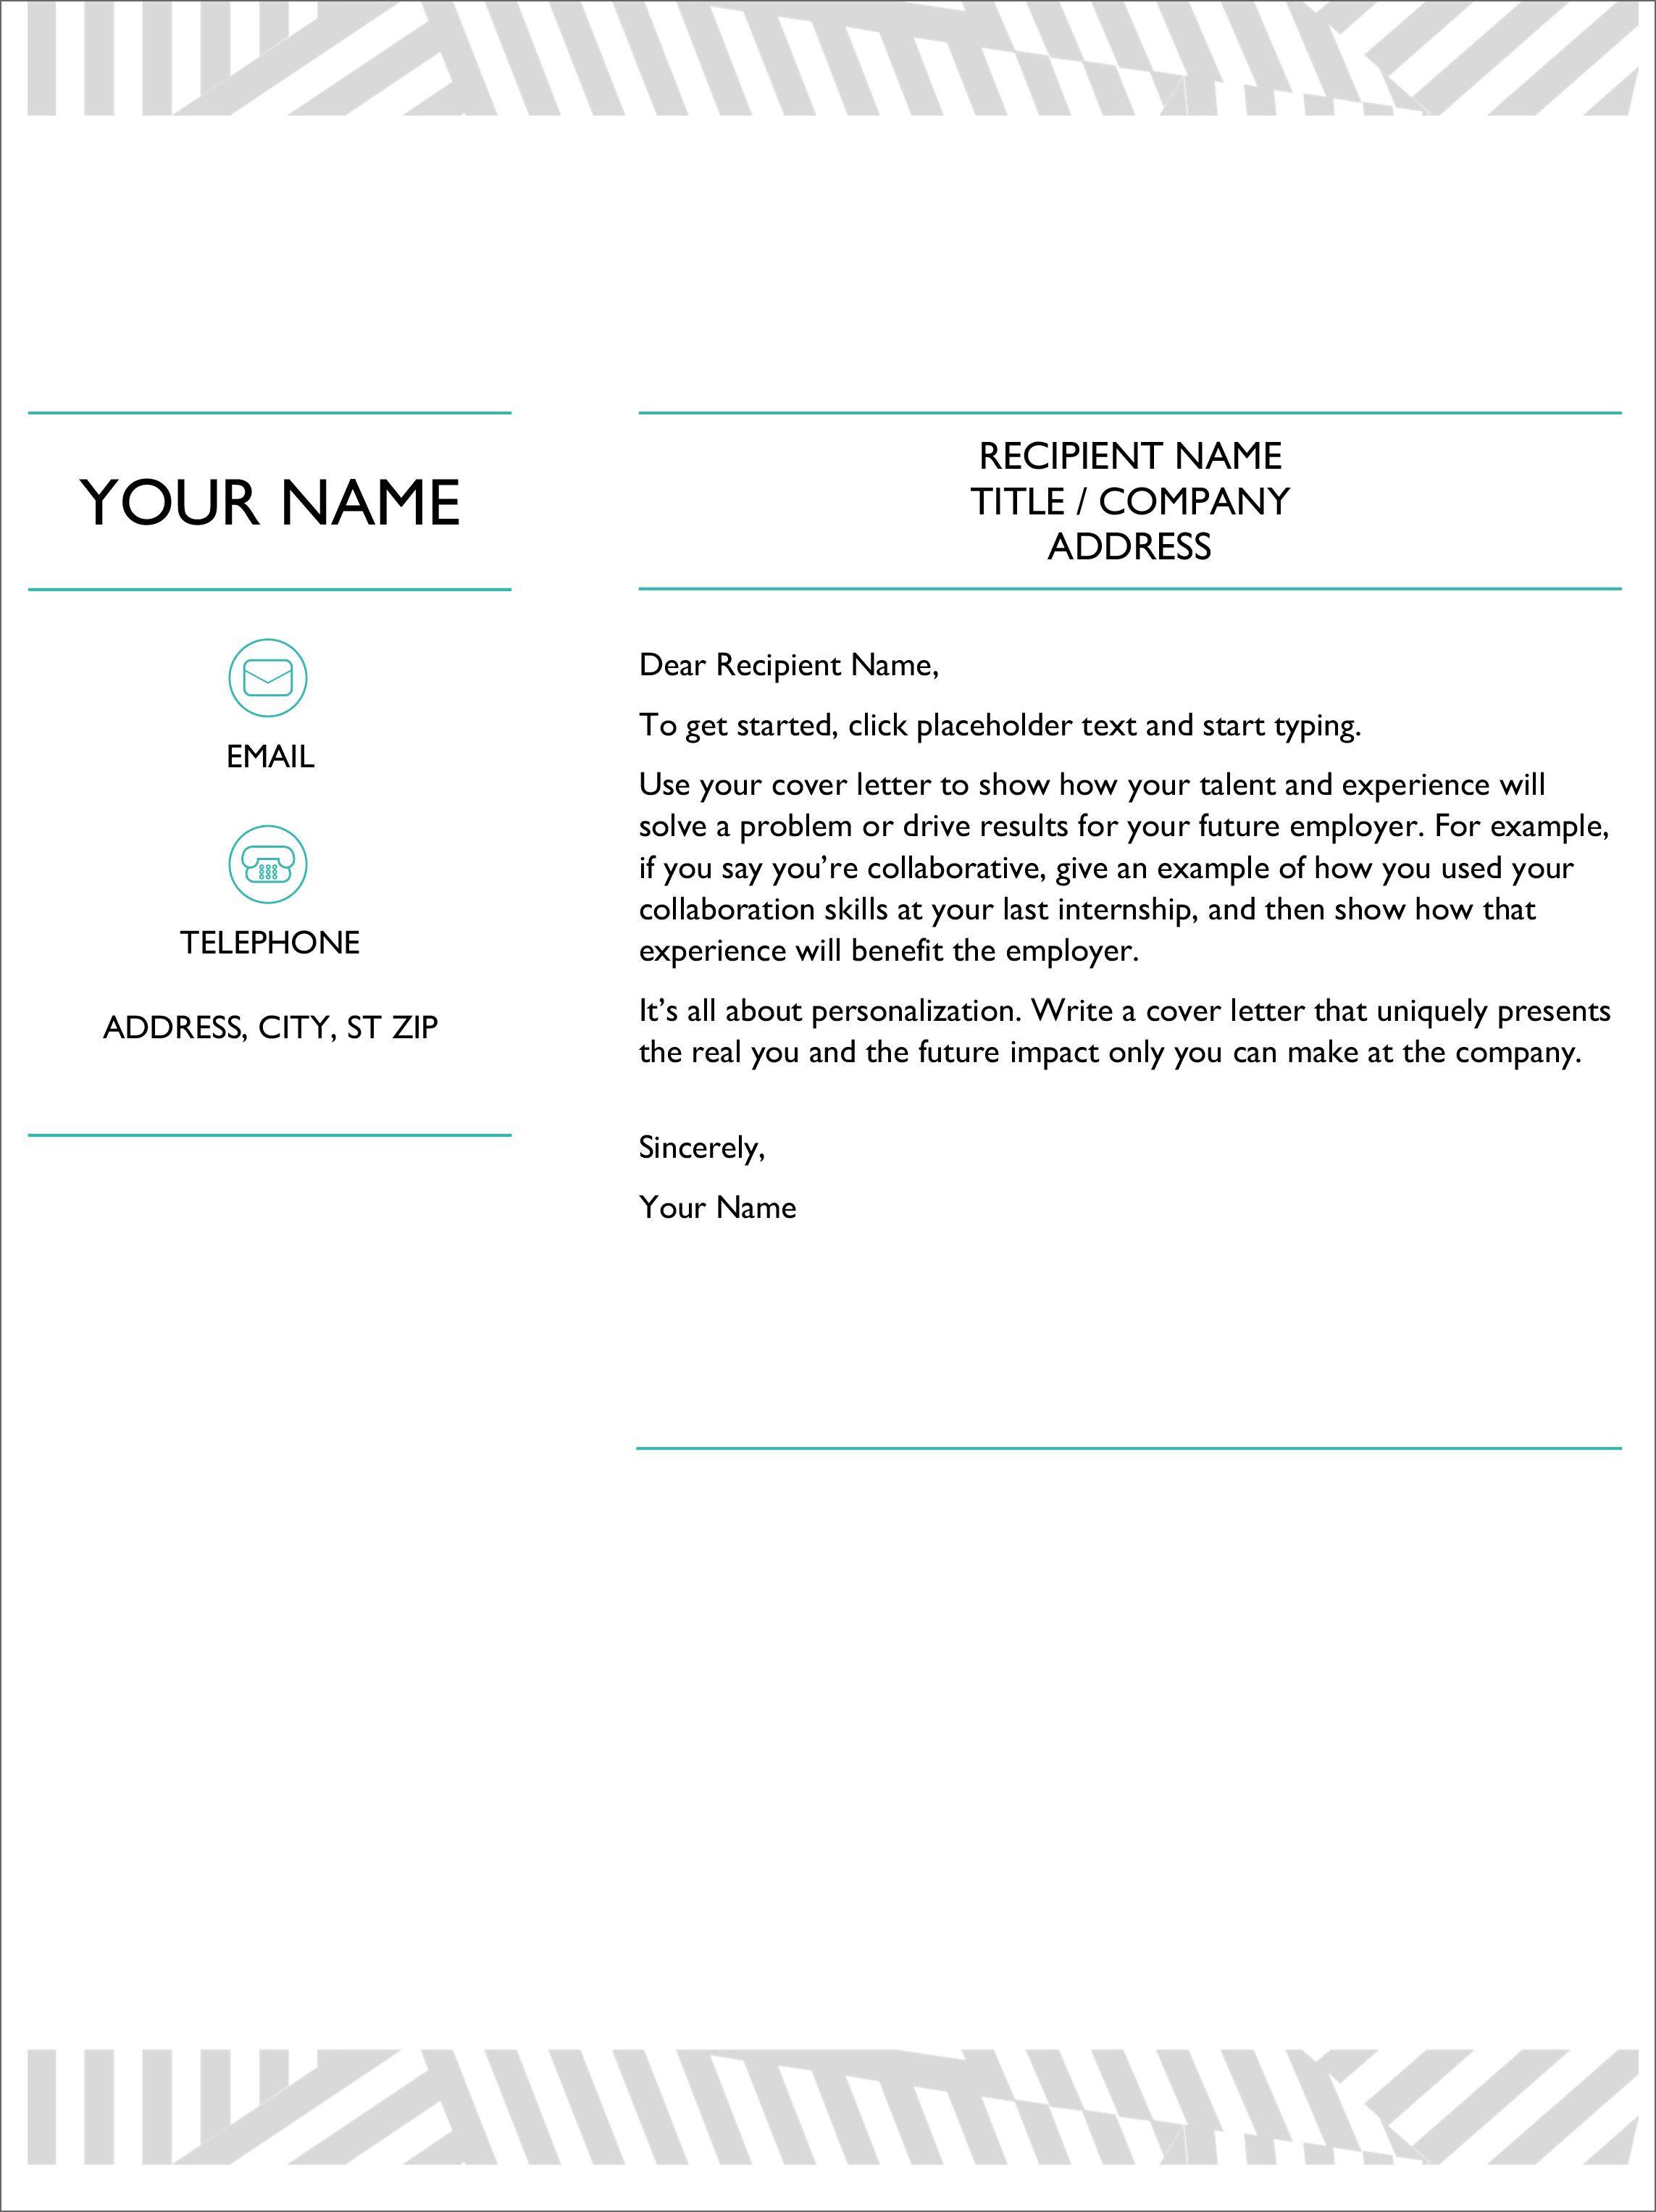 005 Impressive Google Doc Cover Letter Template Inspiration  Swis Free RedditFull